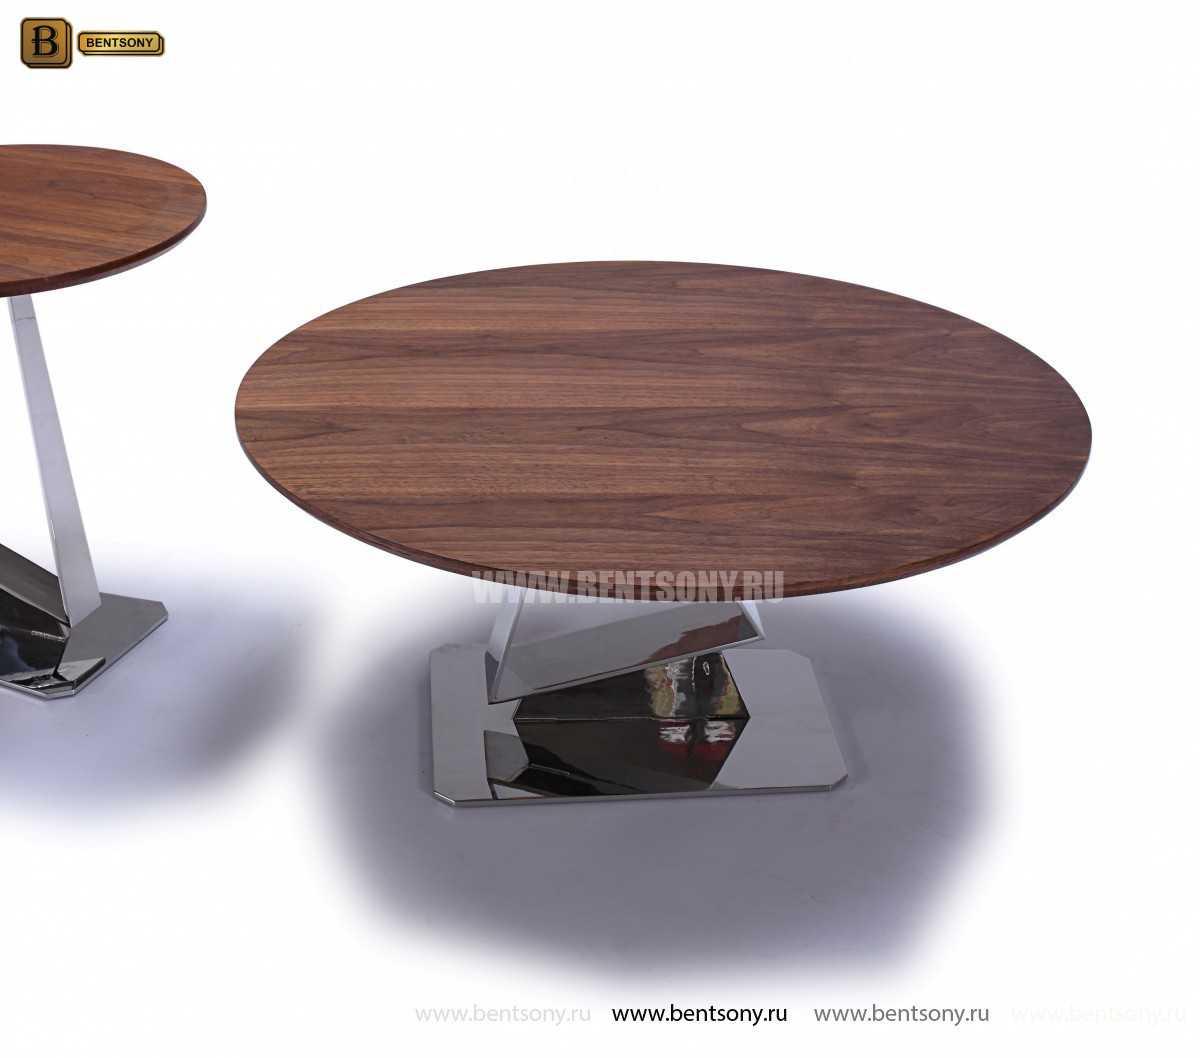 Стол Обеденный (Круглый, Деревянная столешница) цена